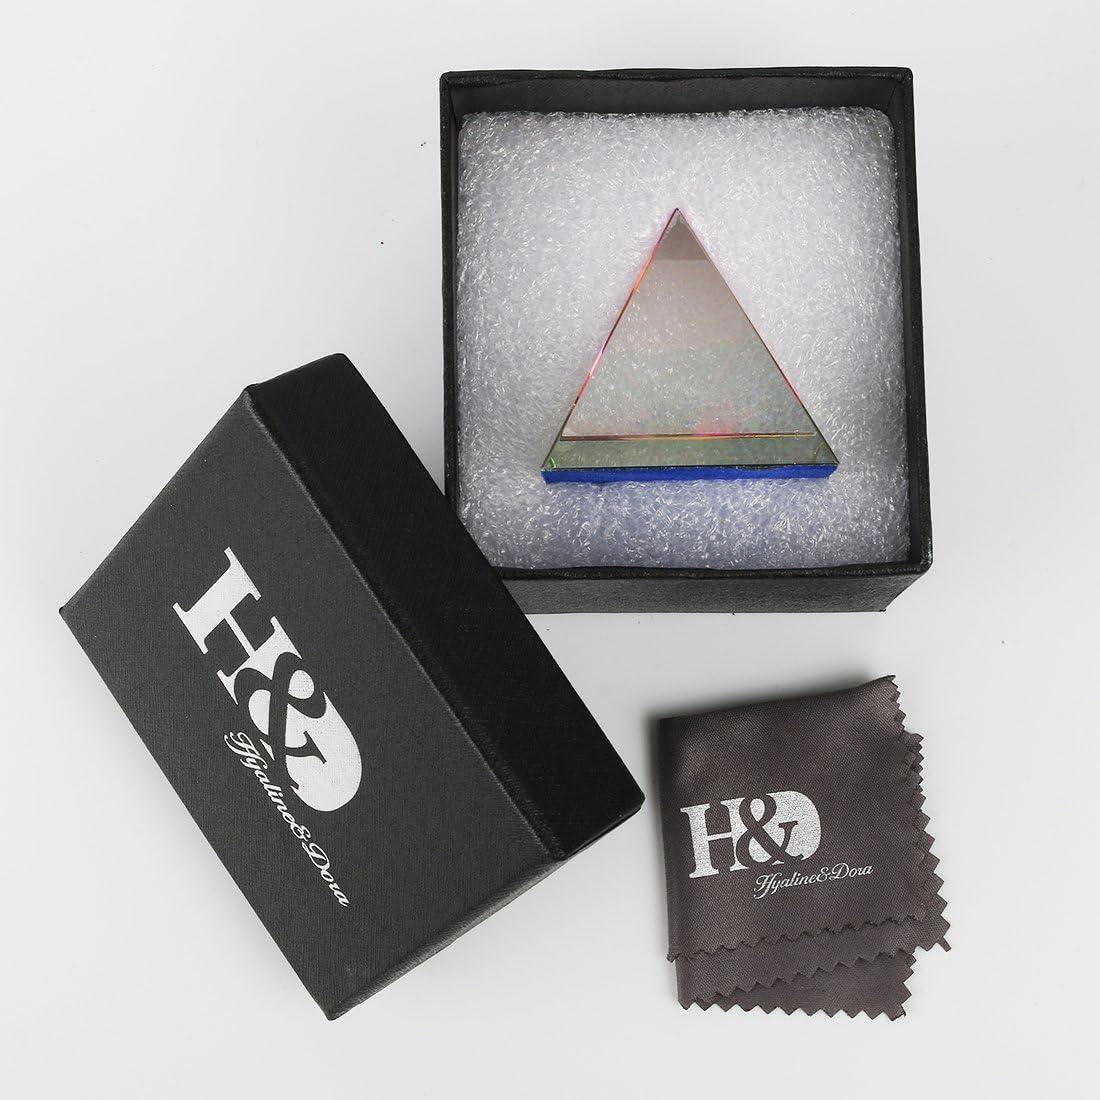 H/&D HYALINE /& DORA Presse-papiers Pyramide iris/ée en Cristal de 2 Pouces avec bo/îte-Cadeau Couleurs Arc-en-Ciel Ornements en Verre d/écoration de Bureau /à Domicile